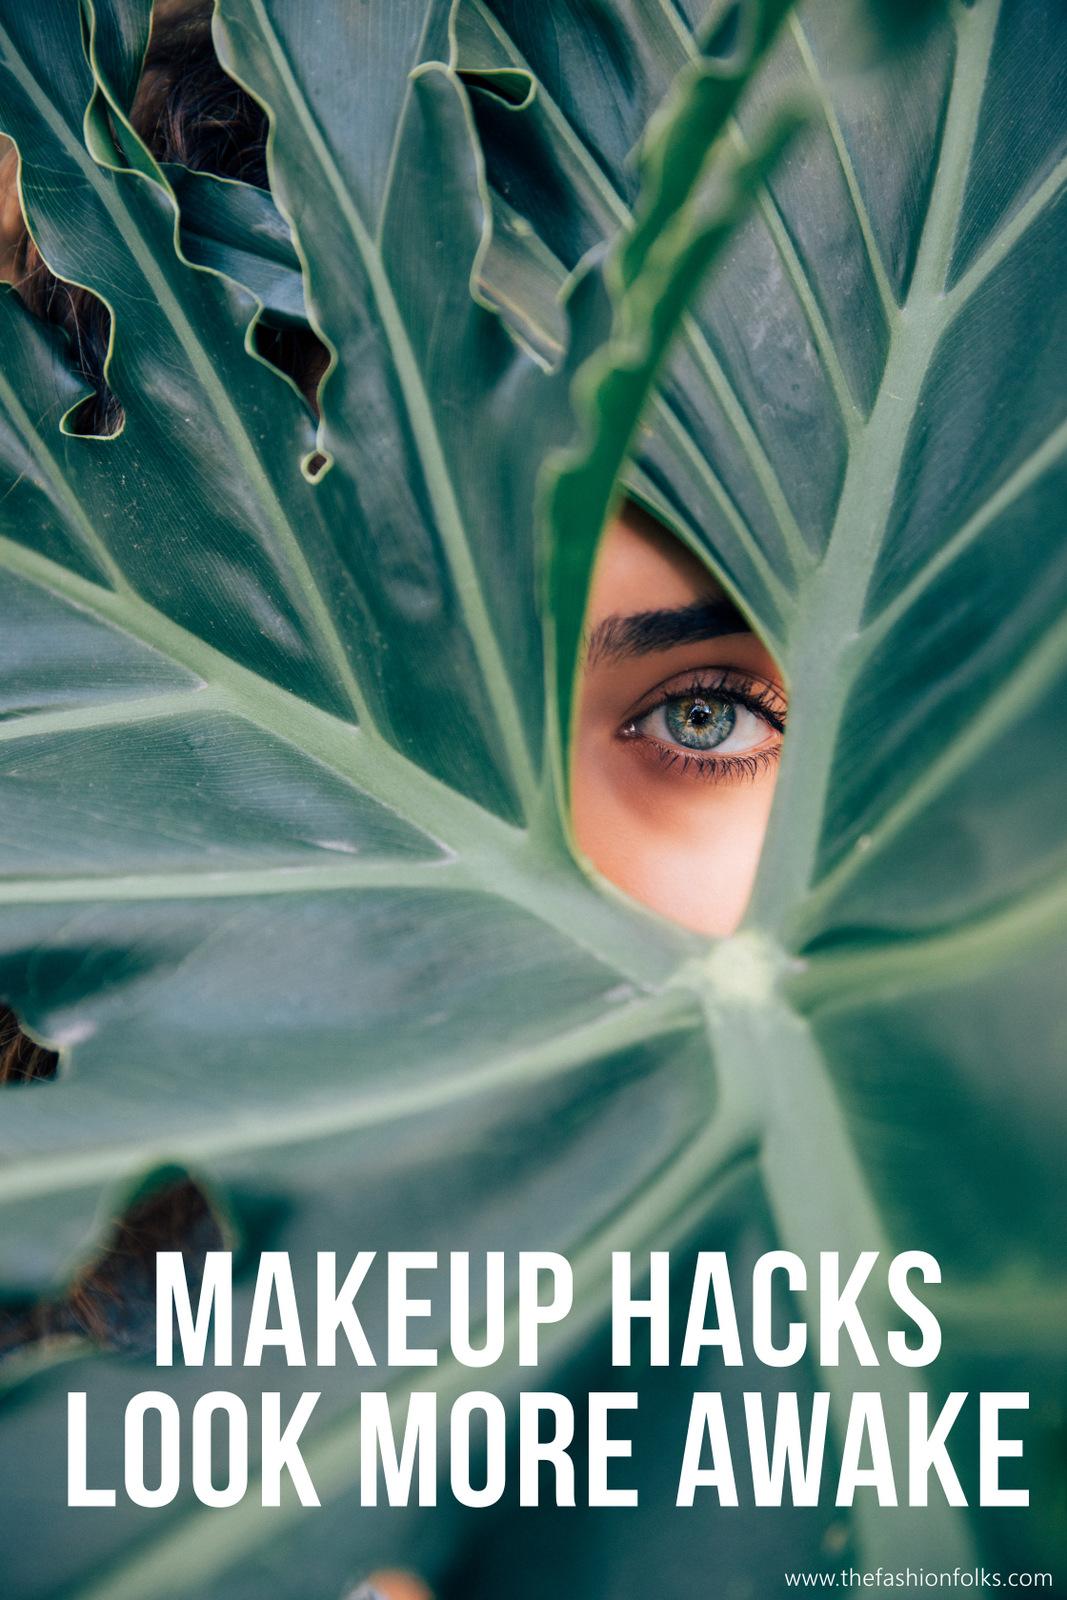 Makeup Hacks - Look More Awake